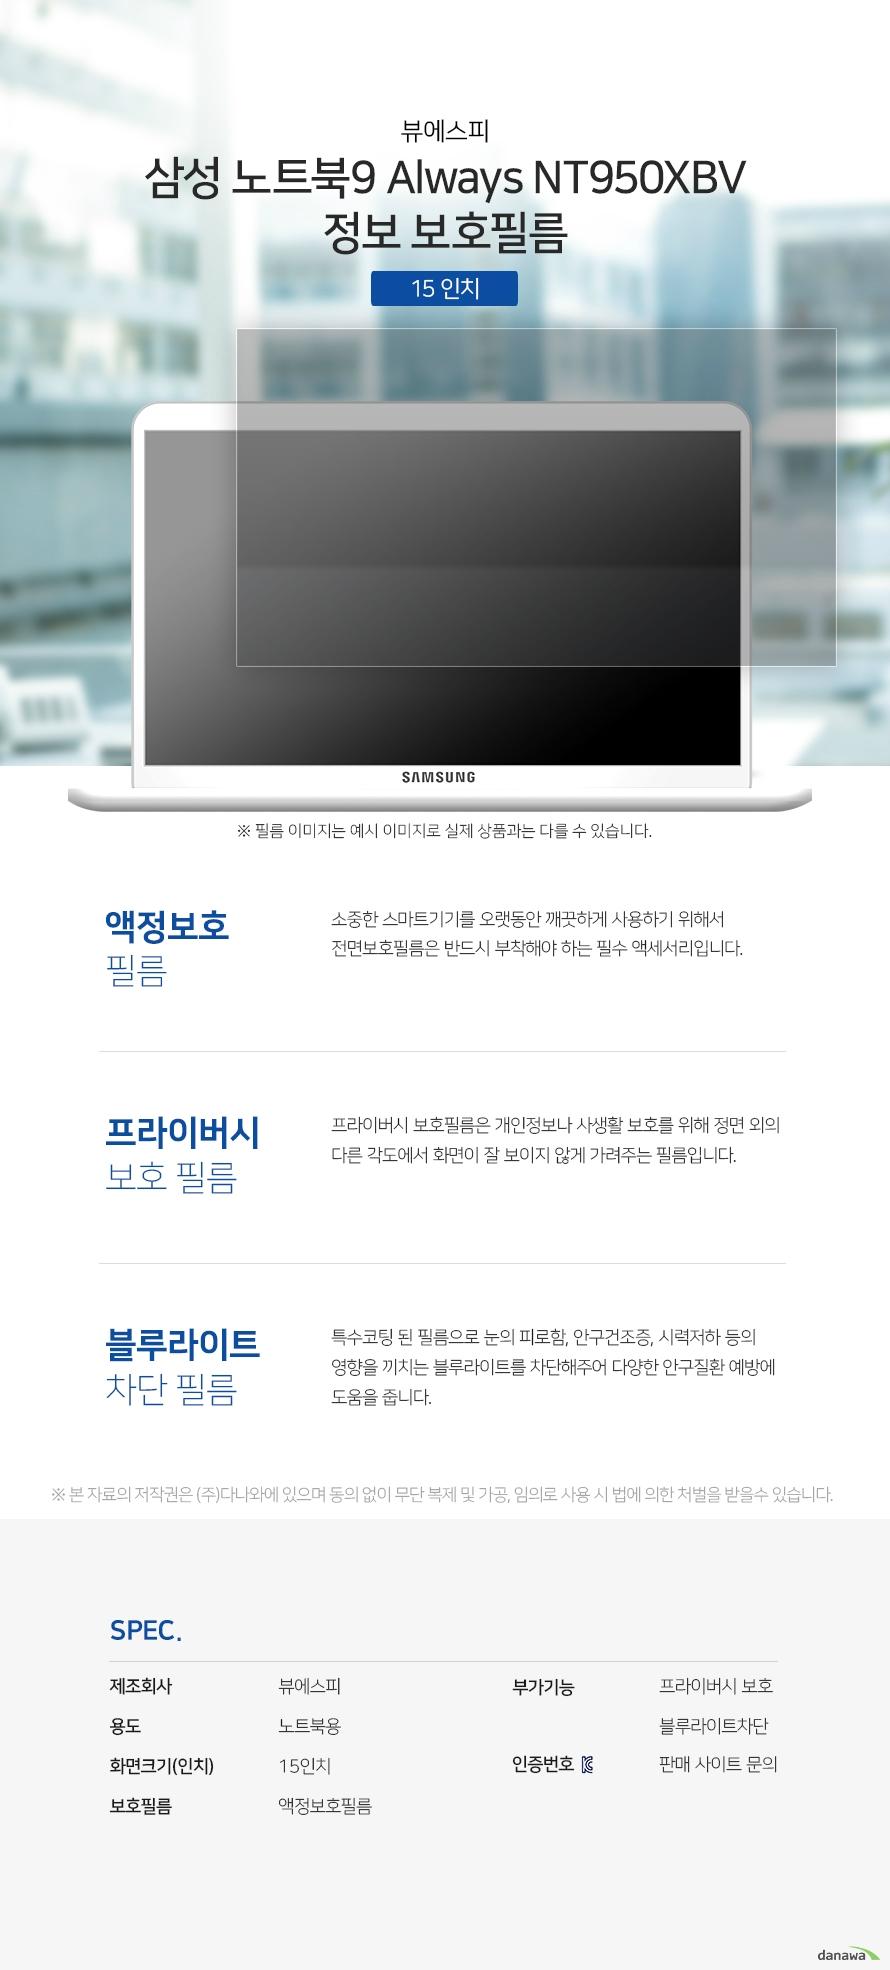 뷰에스피 삼성 노트북9 Always NT950XBV 정보 보호필름 상세 스펙 액정보호용품 / 노트북용 / 액정보호필름 / 15인치 / Privacy보호 / 블루라이트차단